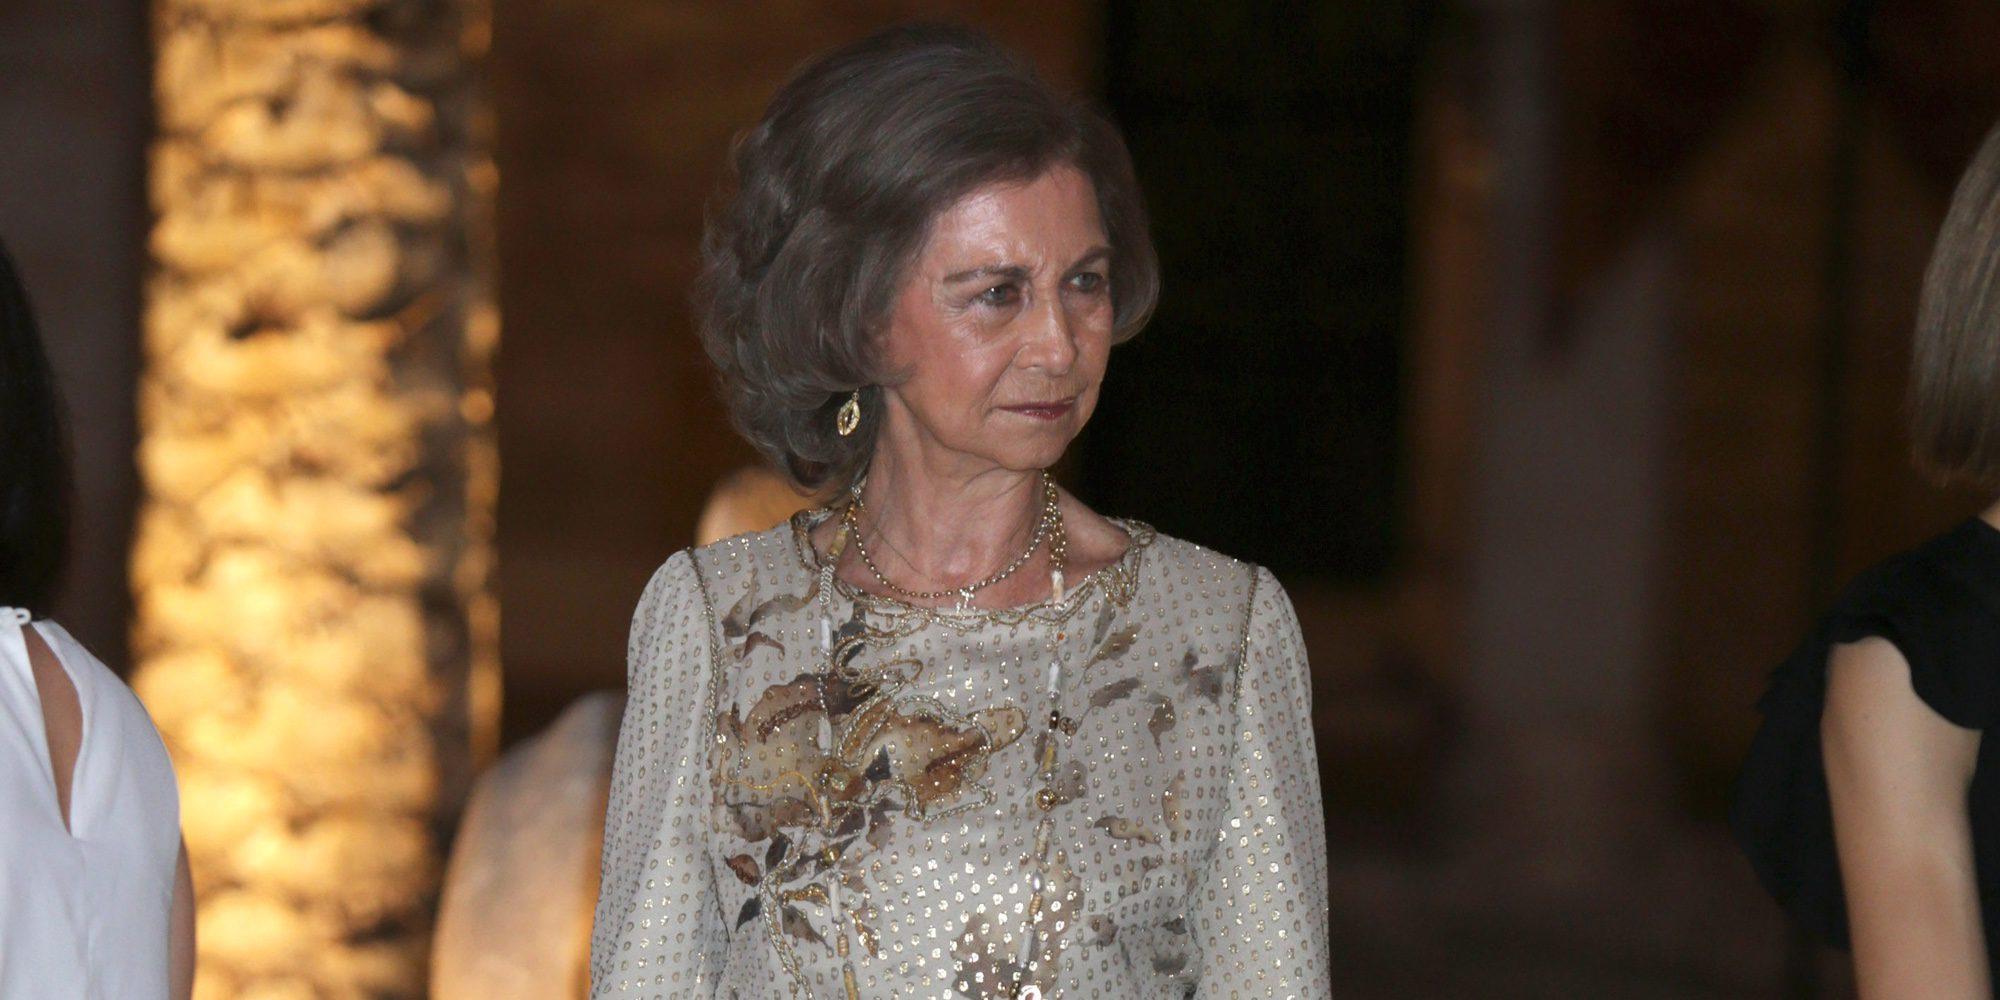 La Reina Sofía rompe su silencio tras el escándalo del Rey Juan Carlos y Bárbara Rey